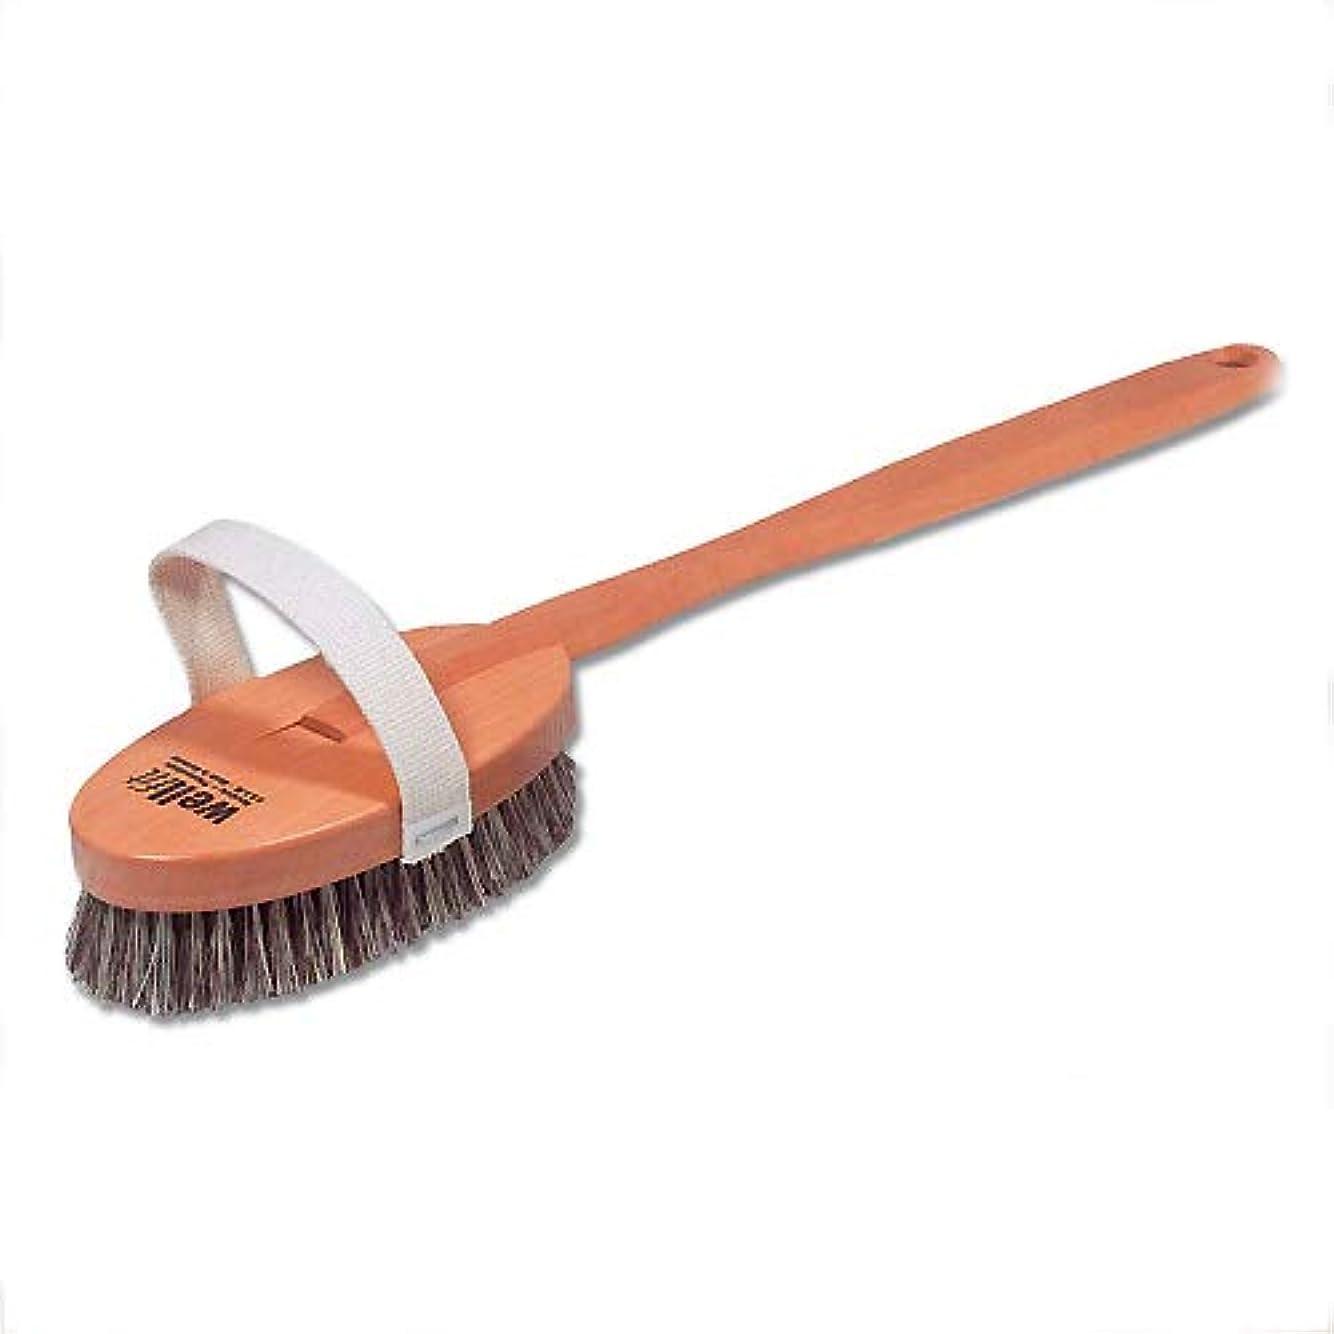 拡声器貸し手視力Redecker レデッカー ボディブラシ(ミディアムハード 馬毛と植物毛の混毛植毛) 正規品